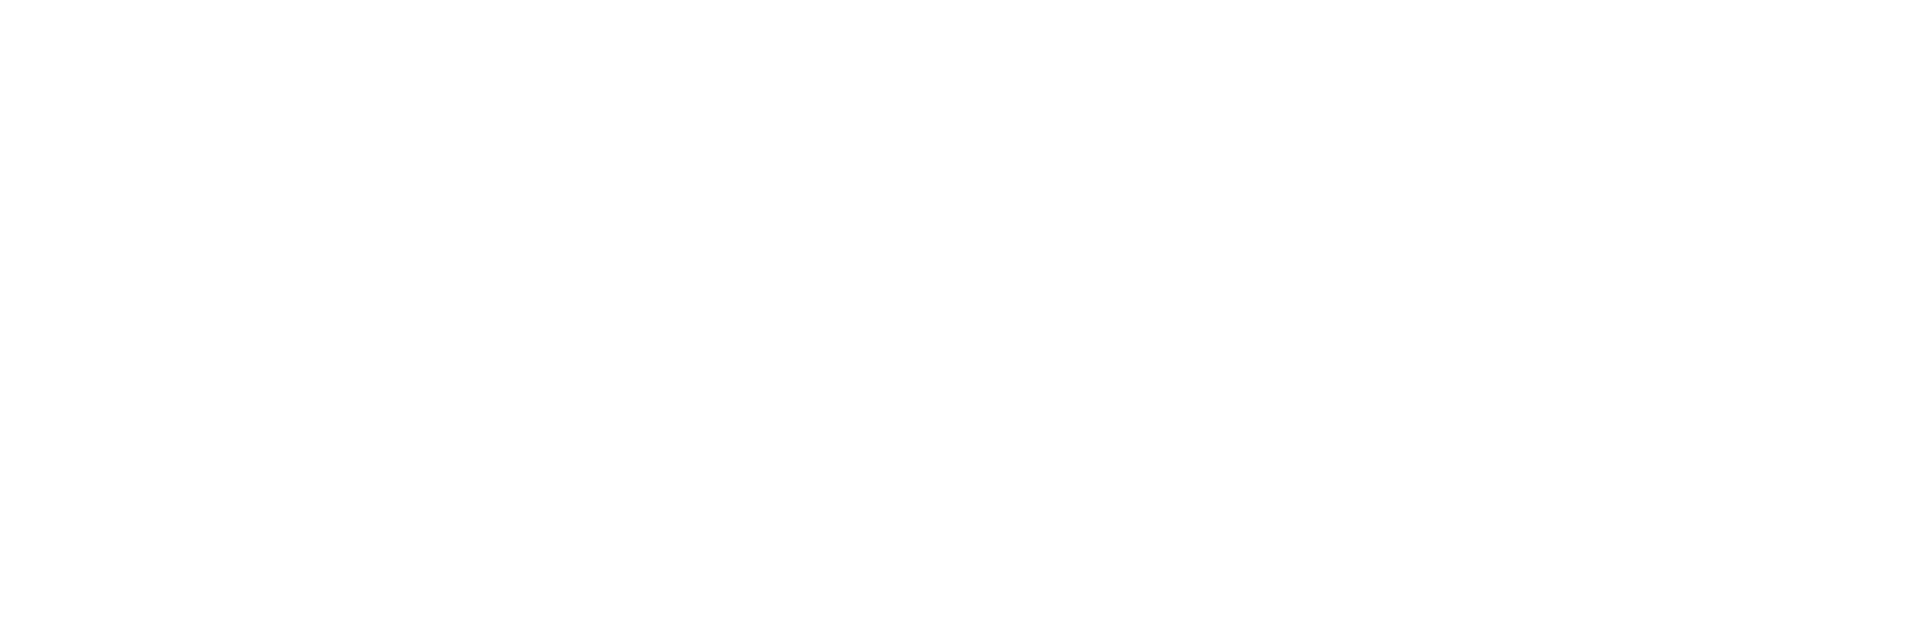 XAVVE Mediação Imobiliária